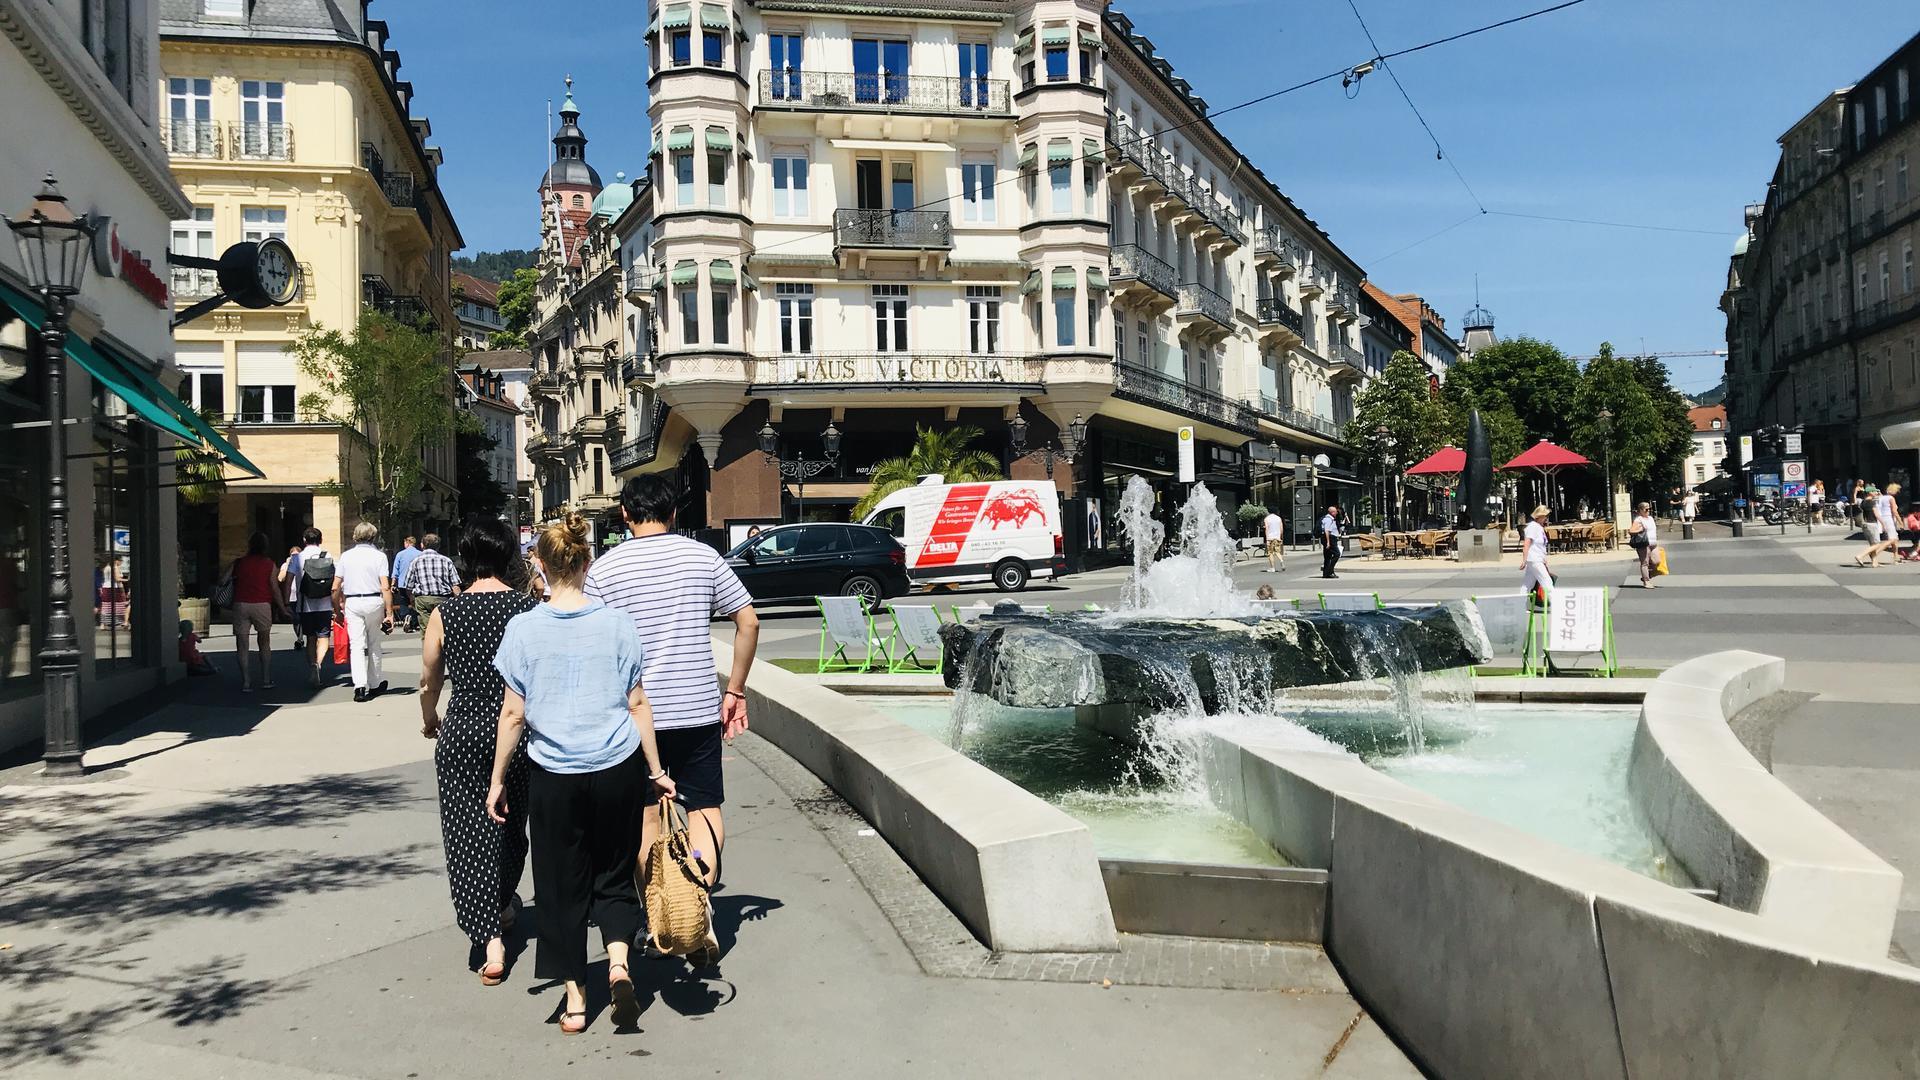 Der sanierte Leopoldsplatz in Baden-Baden. Wegen verbotener Preisabsprachen, unter anderem für den zweiten Bauabschnitt der Leo-Sanierung, hat das Amtsgericht Baden-Baden einen Strafbefehl gegen einen Baden-Badnener Bauunternehmer erlassen.